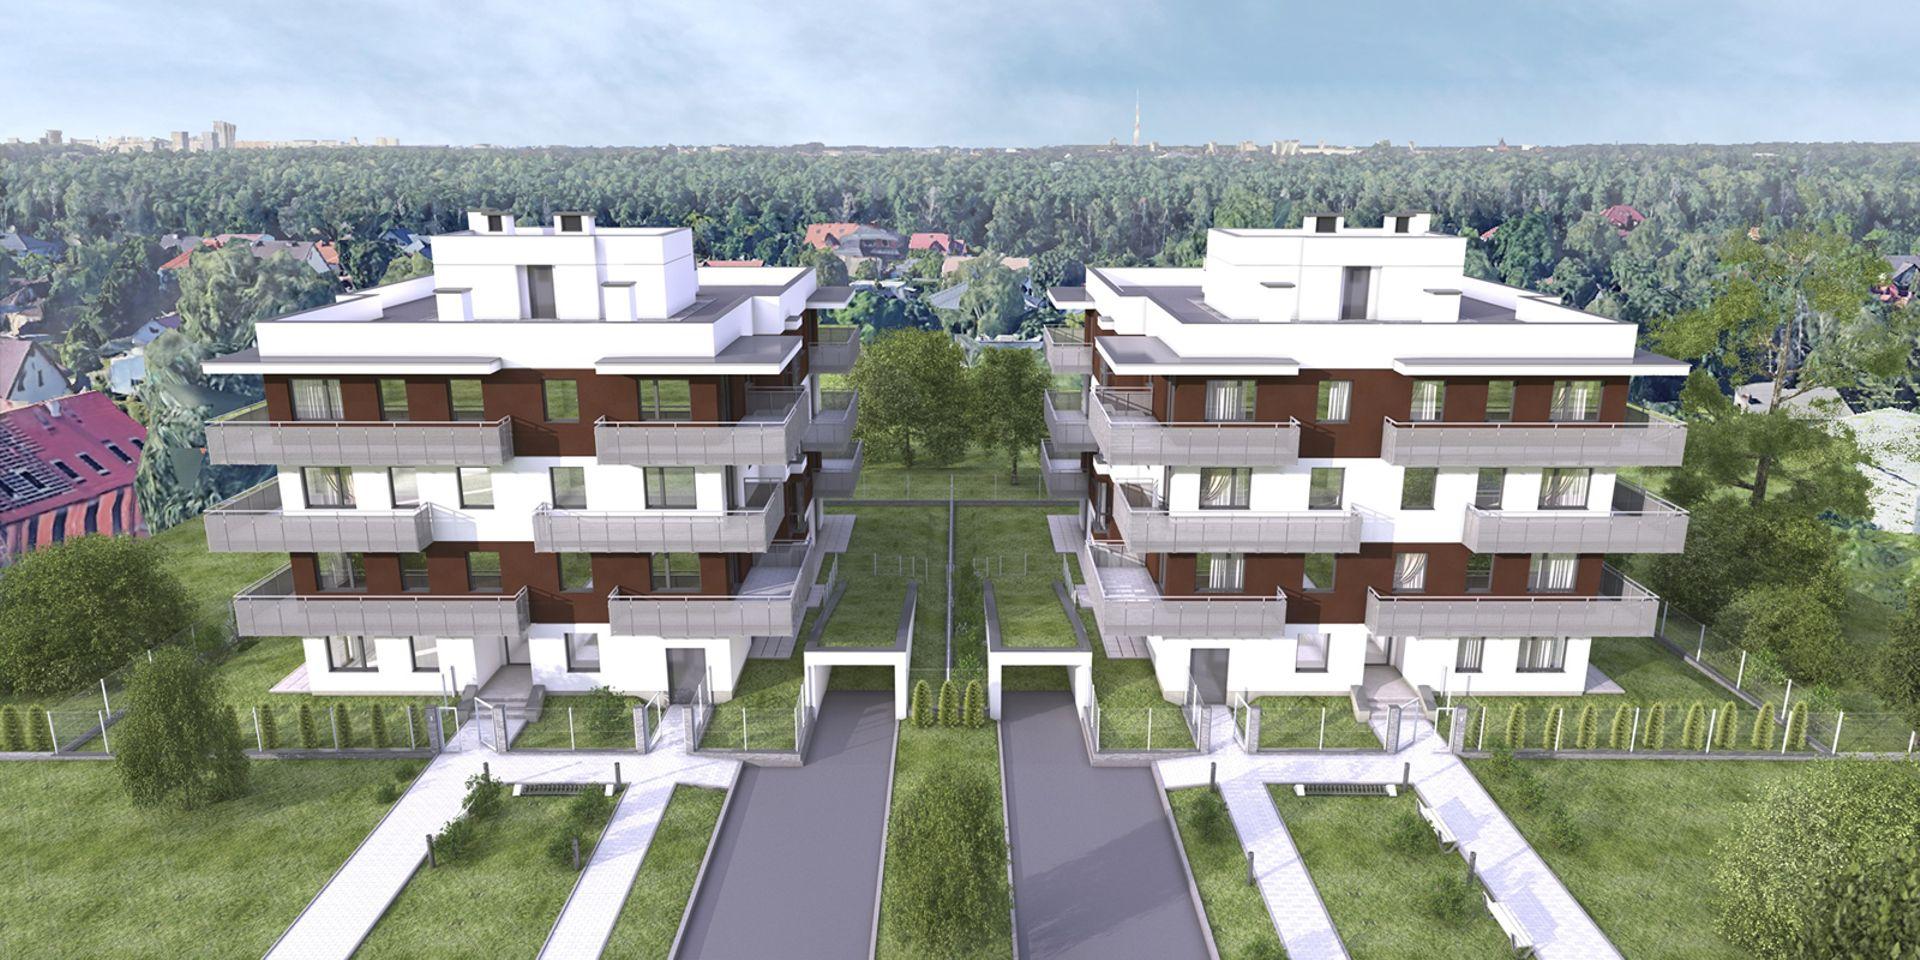 Warszawa: Apartamenty Zwoleńska – BJM Development inwestuje w nowe osiedle w Wawrze